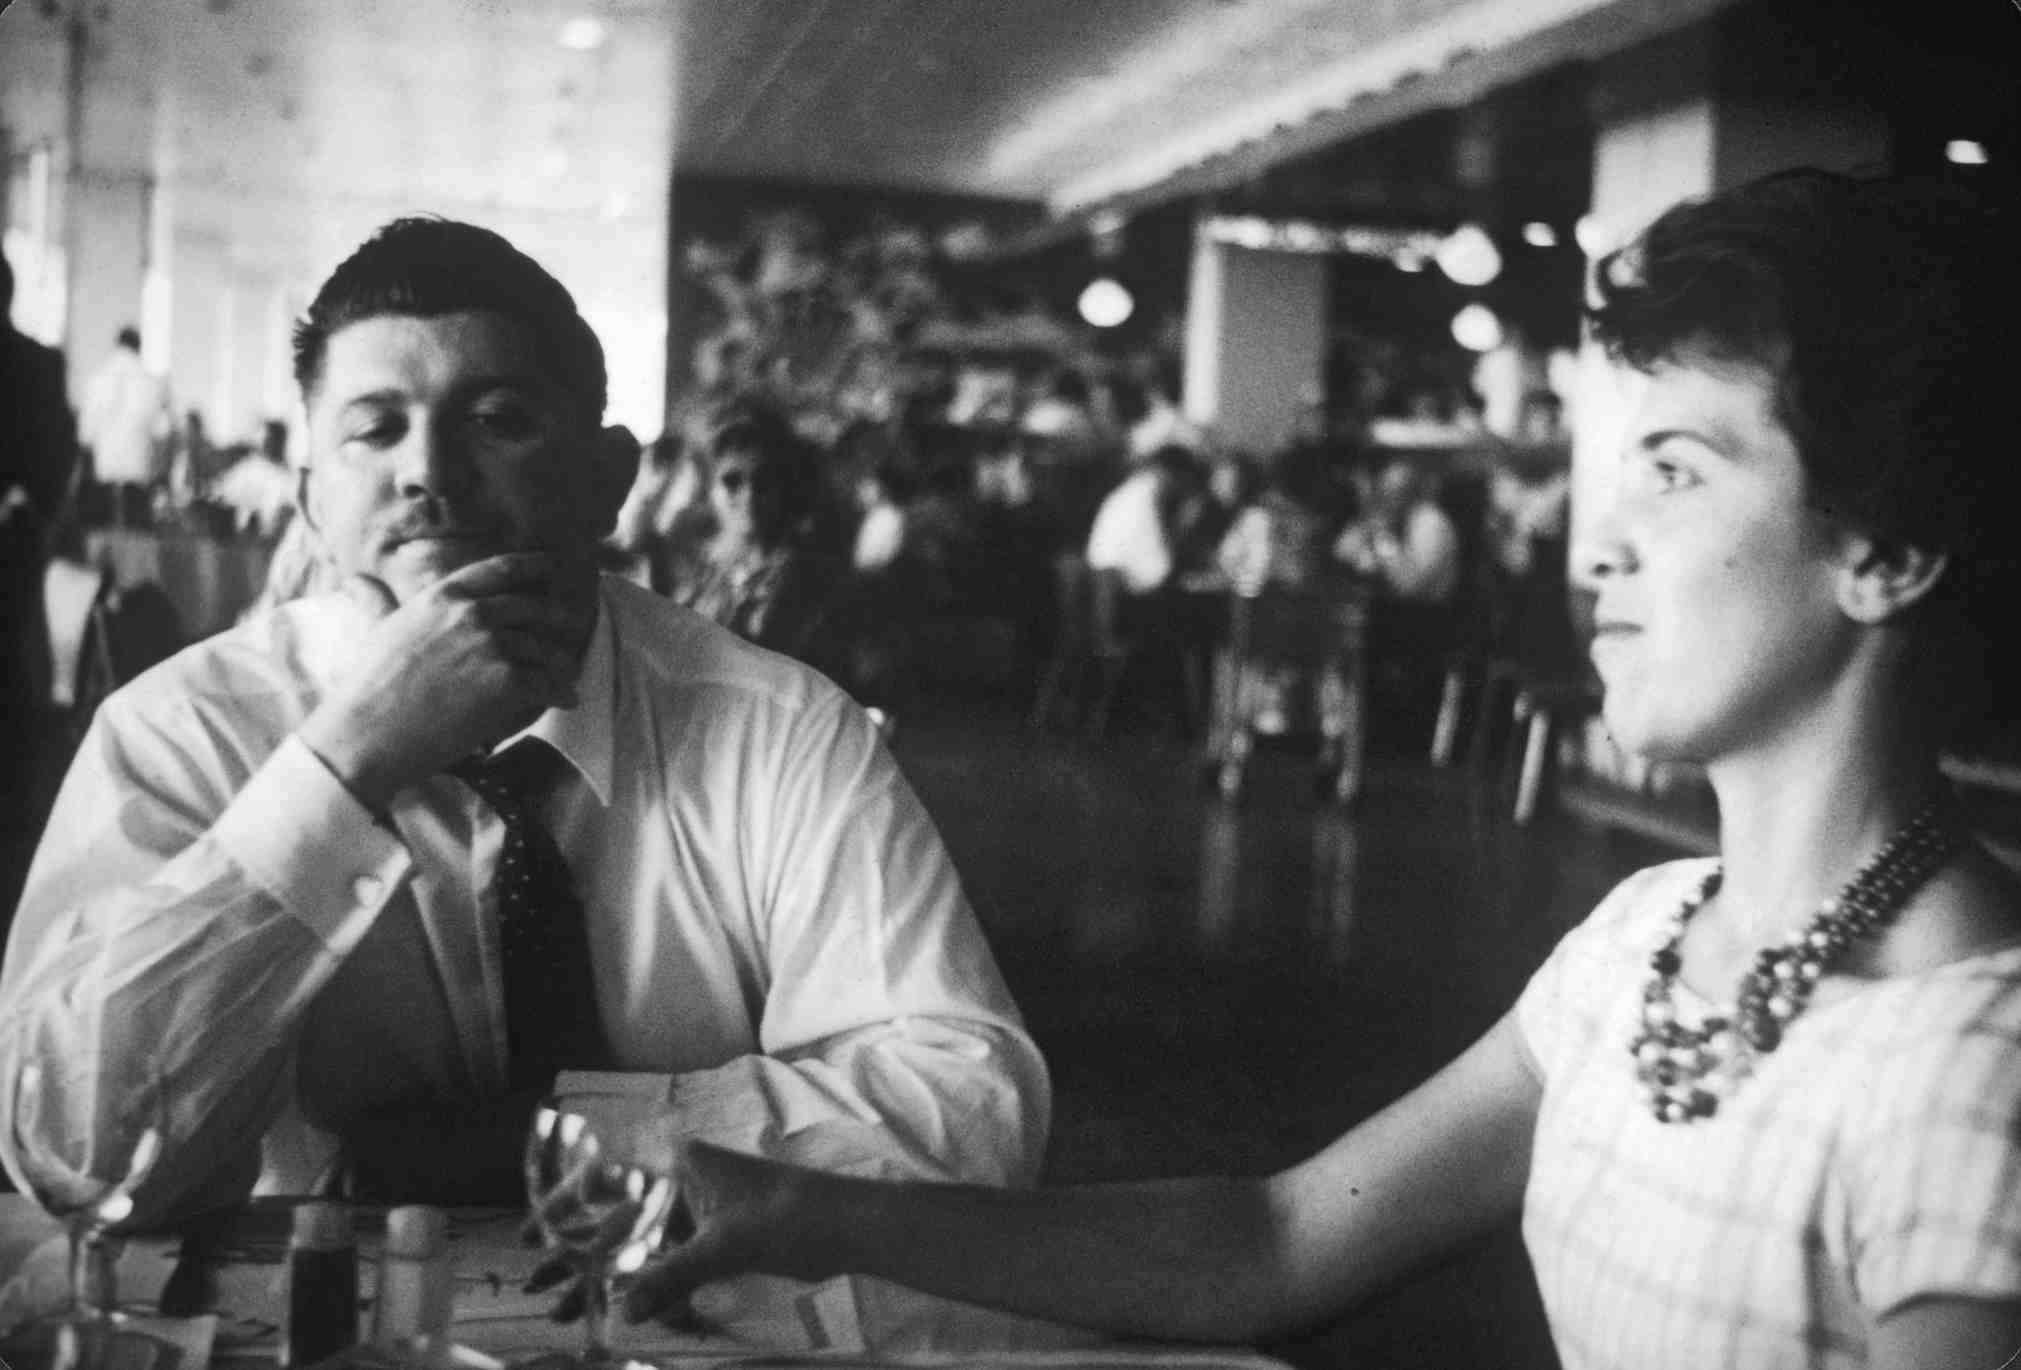 Rubens e Eunice Paiva em Brasília em 1960. Acervo Família Rubens Paiva/Divulgação